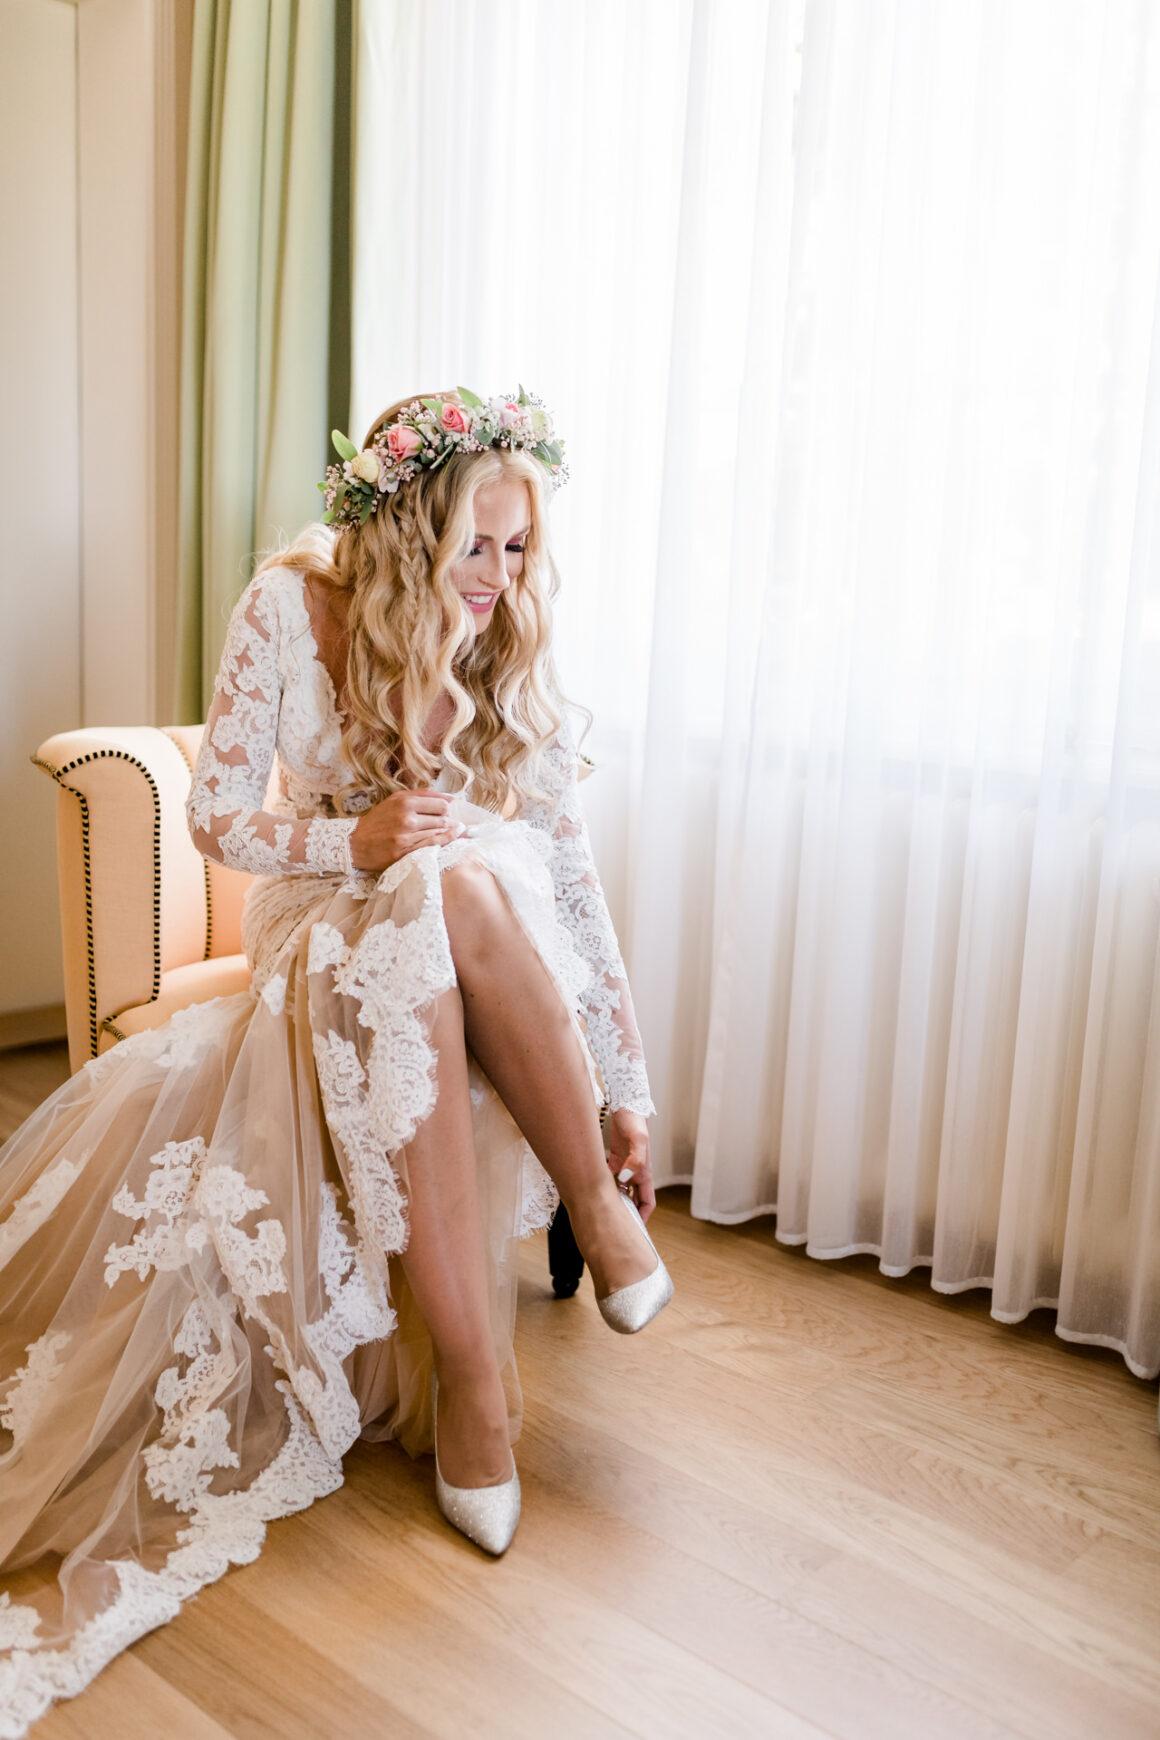 Braut zieht ihre Jimmy Choo Hochzeitsschuhe beim Getting Ready an. Hochzeitsreportagebilder Schweiz